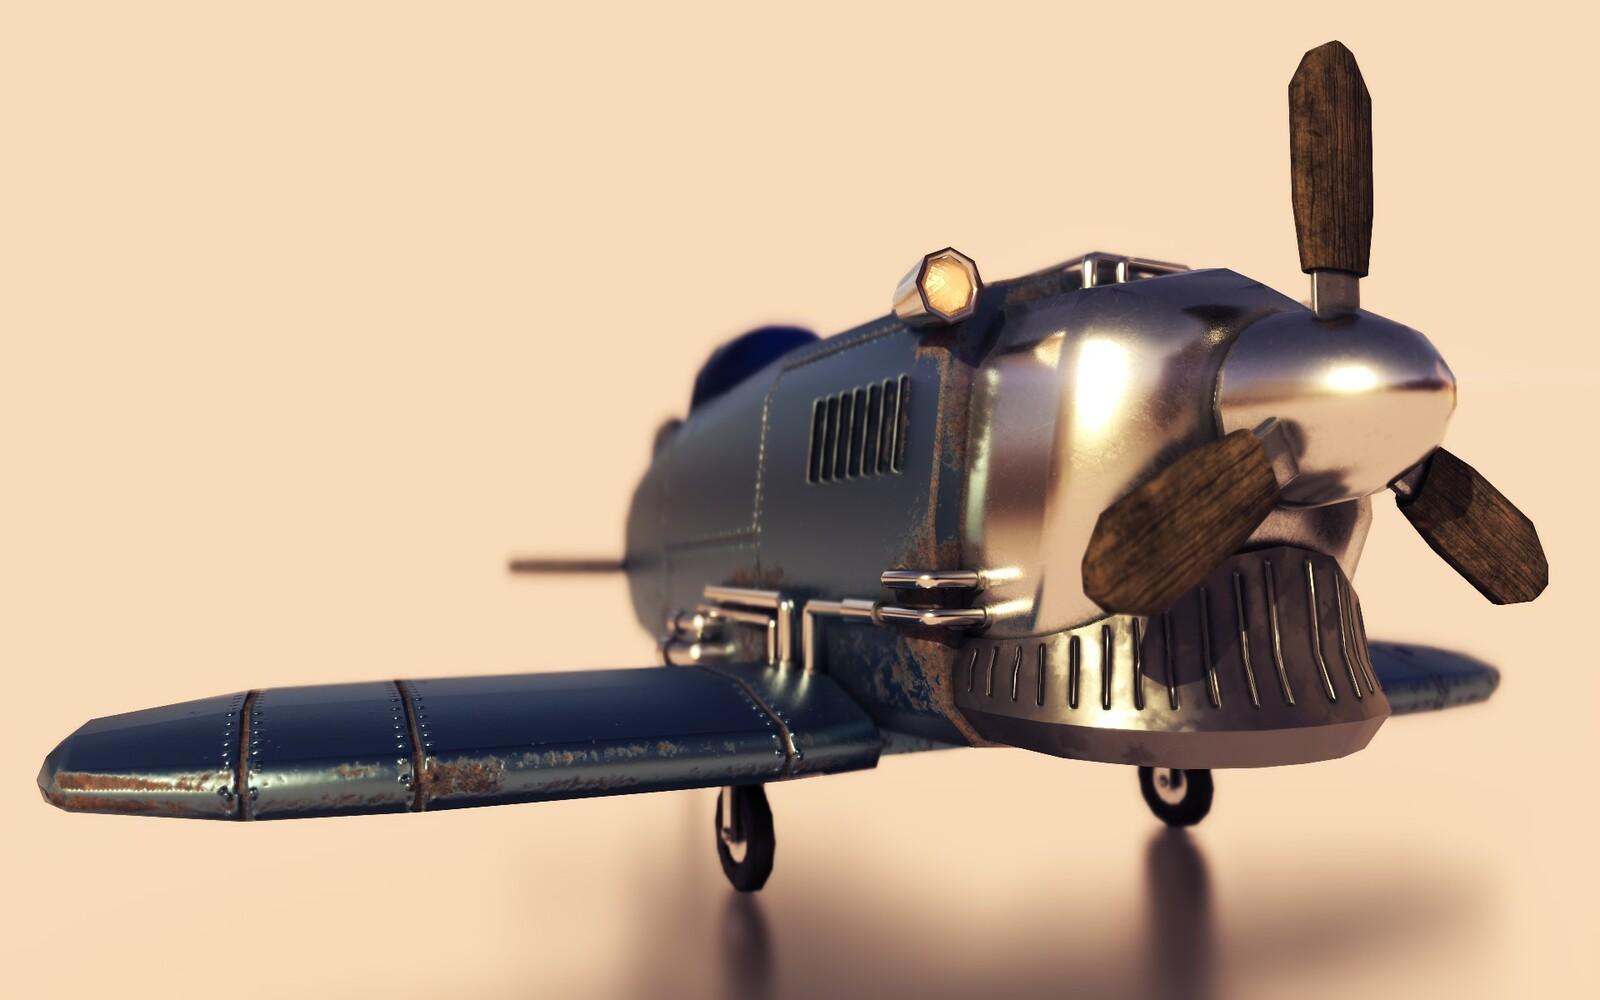 diesel Aeroplane render